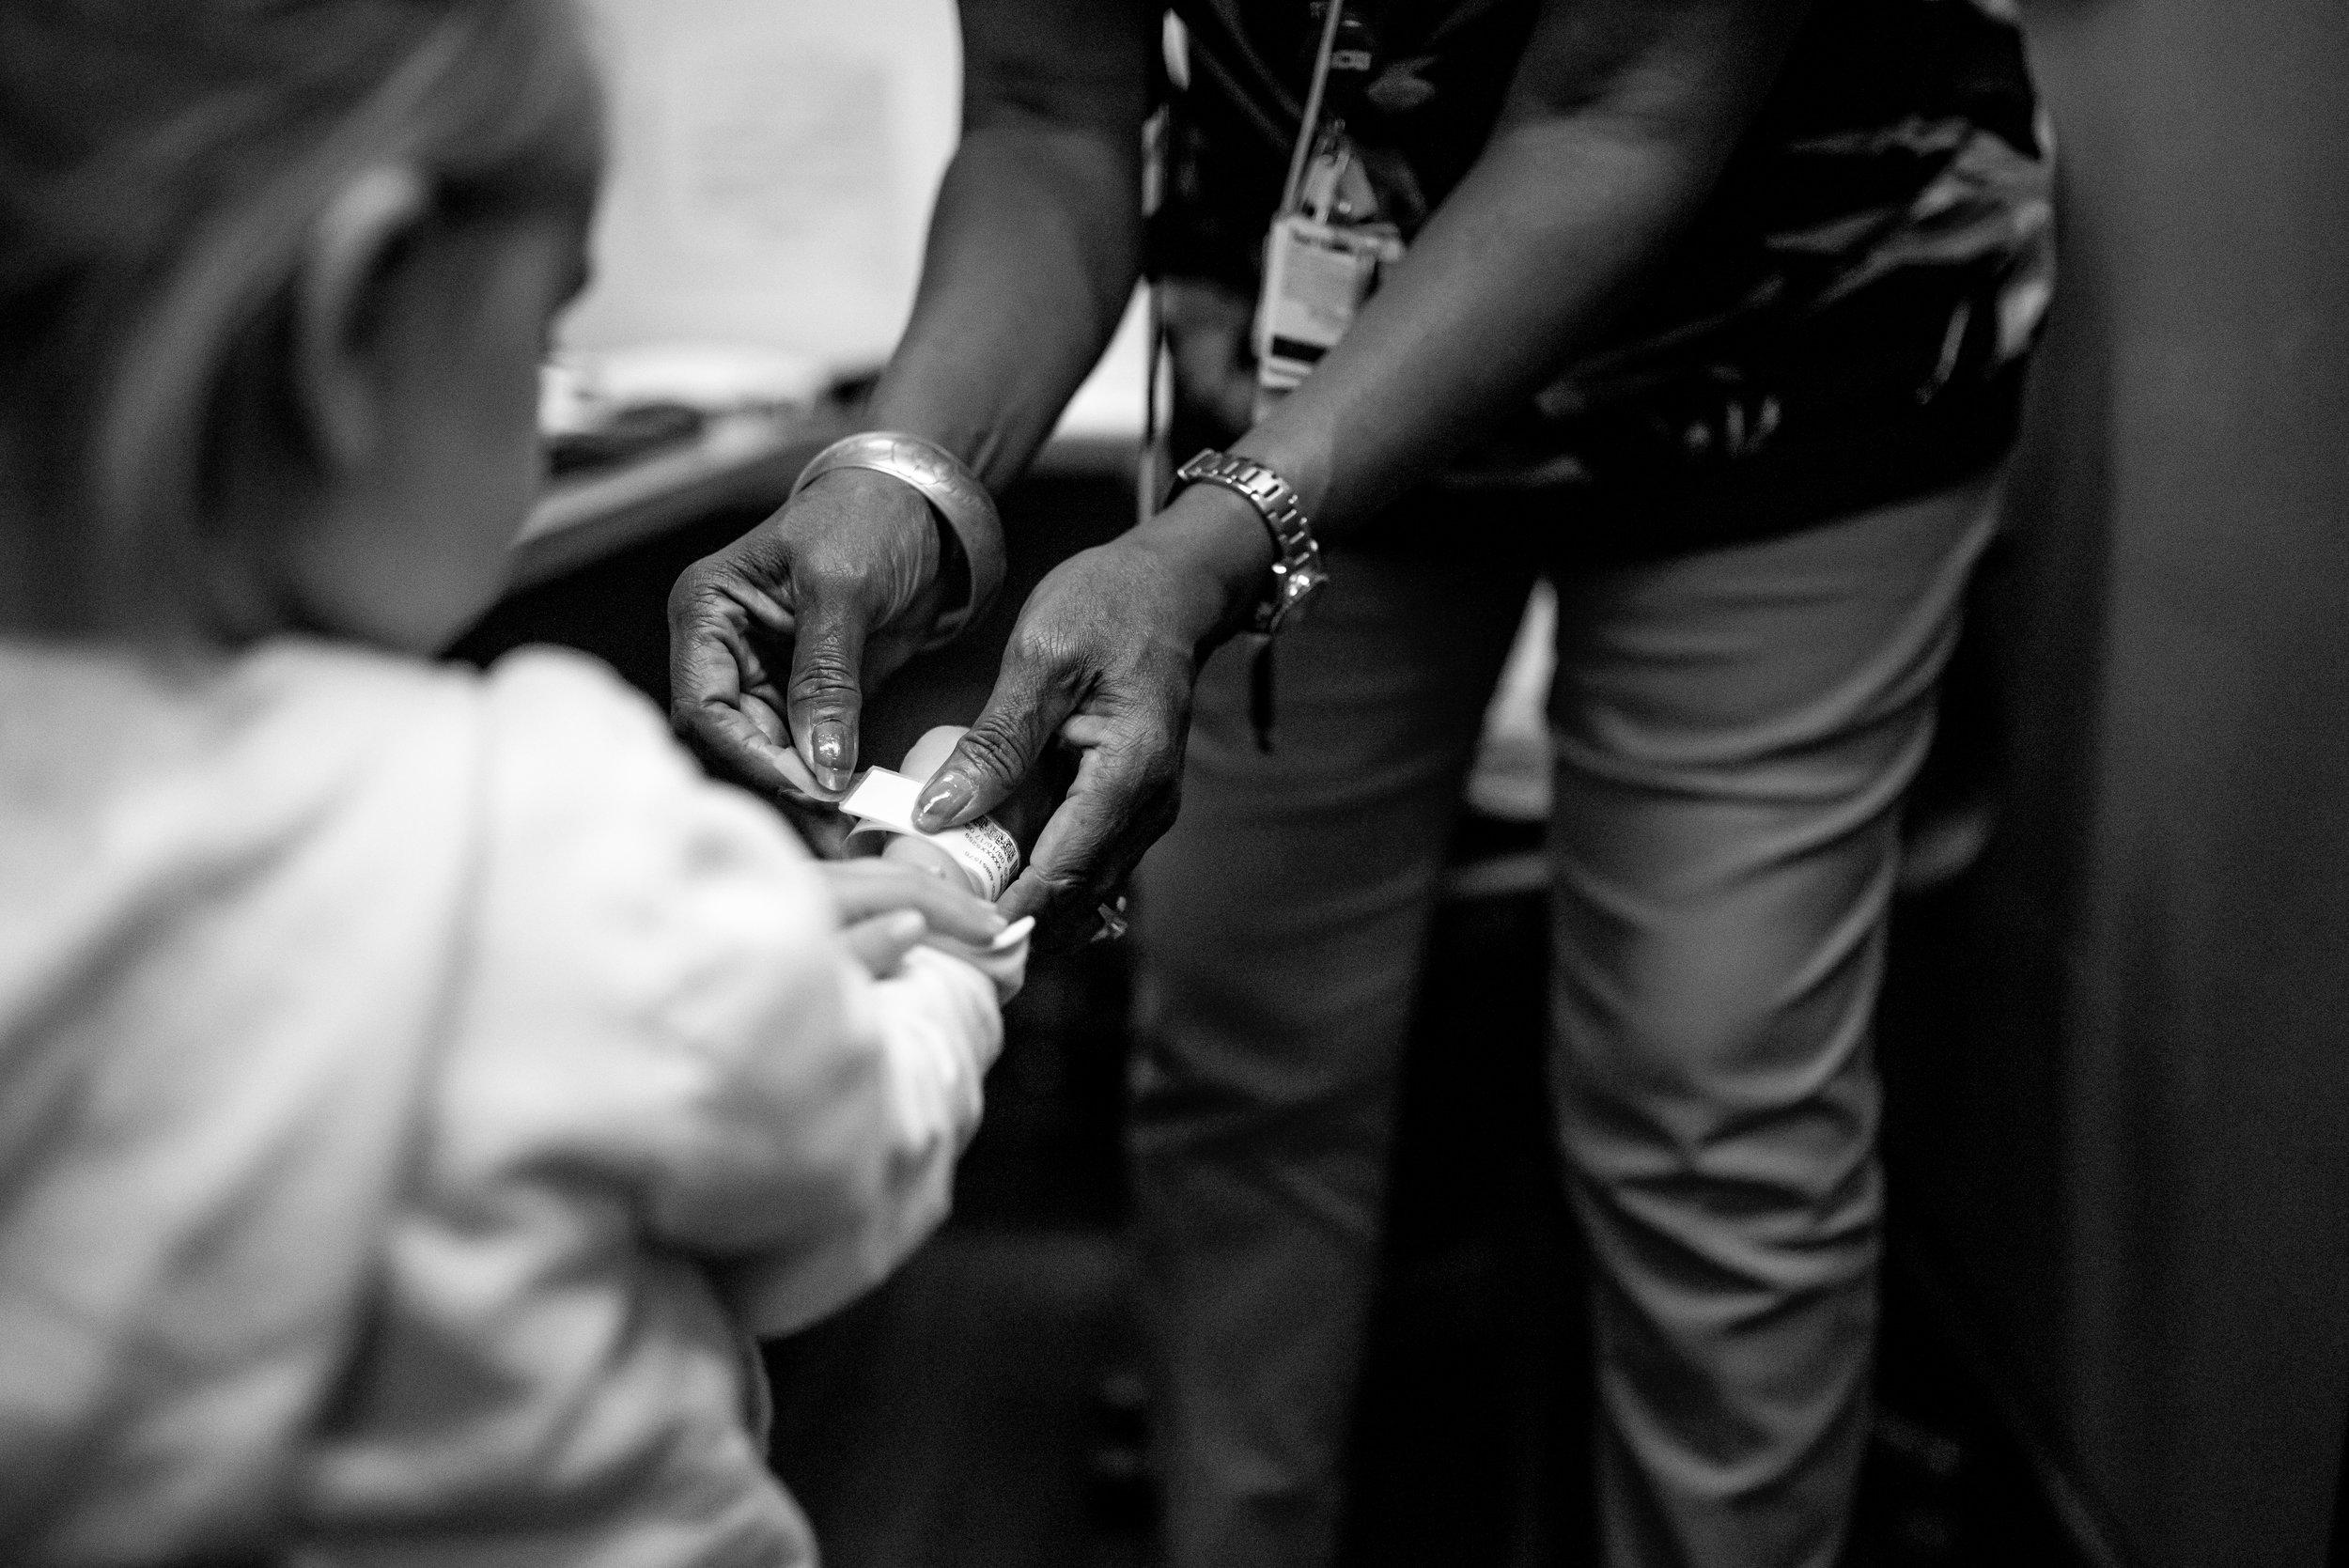 Girl identification bracelet heart procedure children's hospital